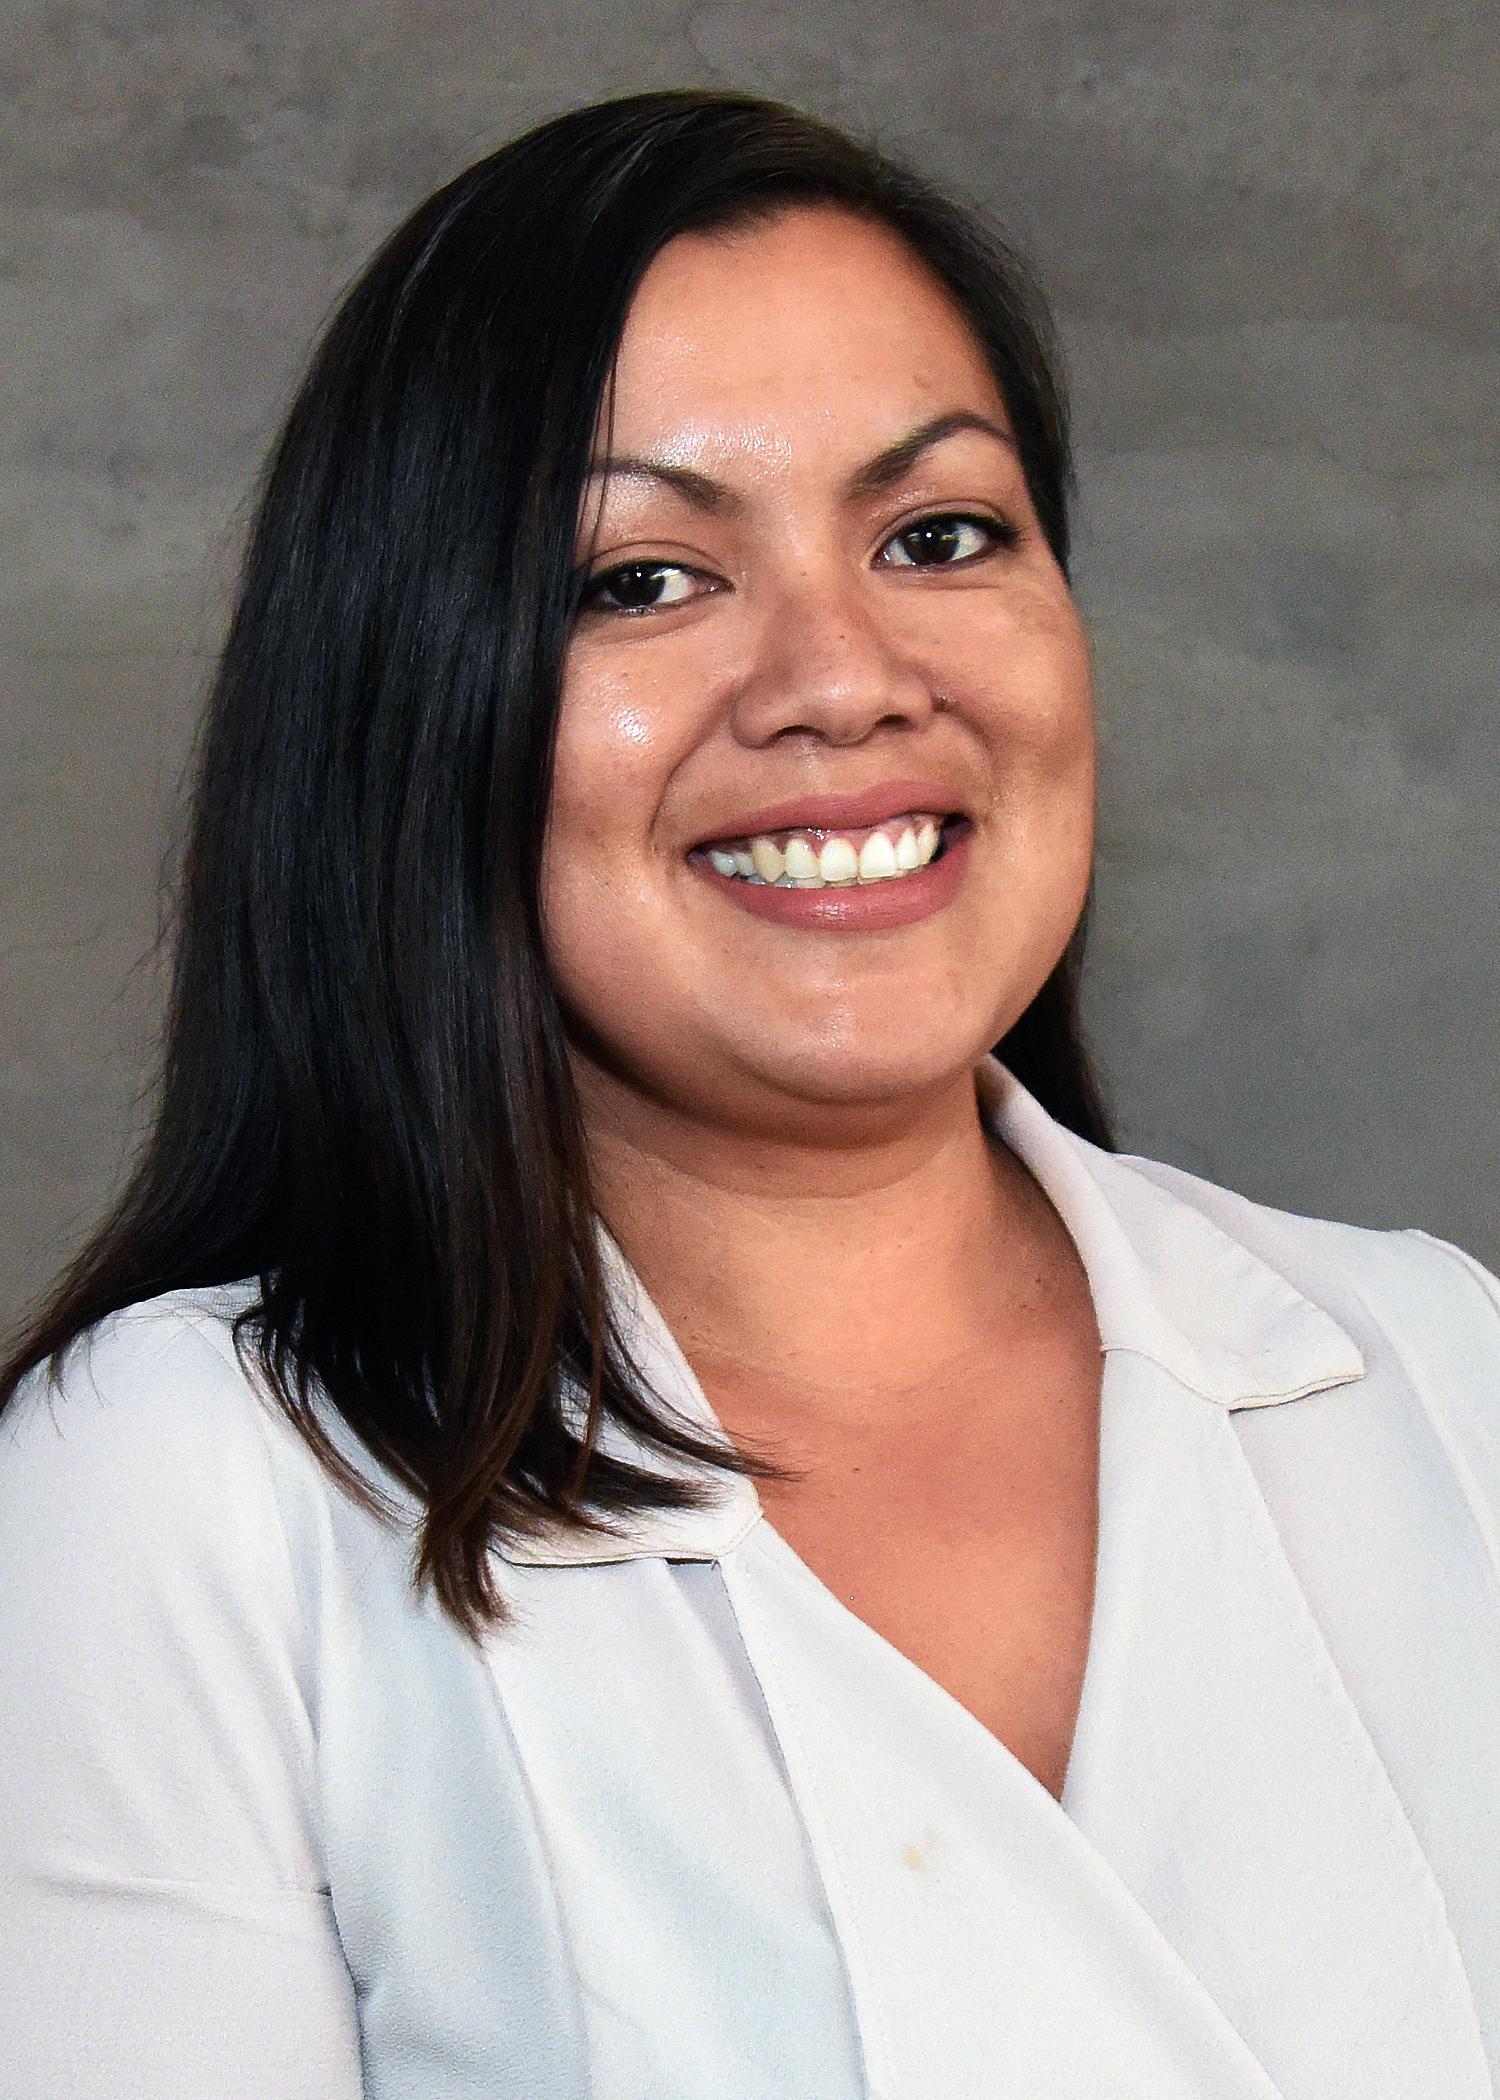 Tiana Aguirre-Ortega